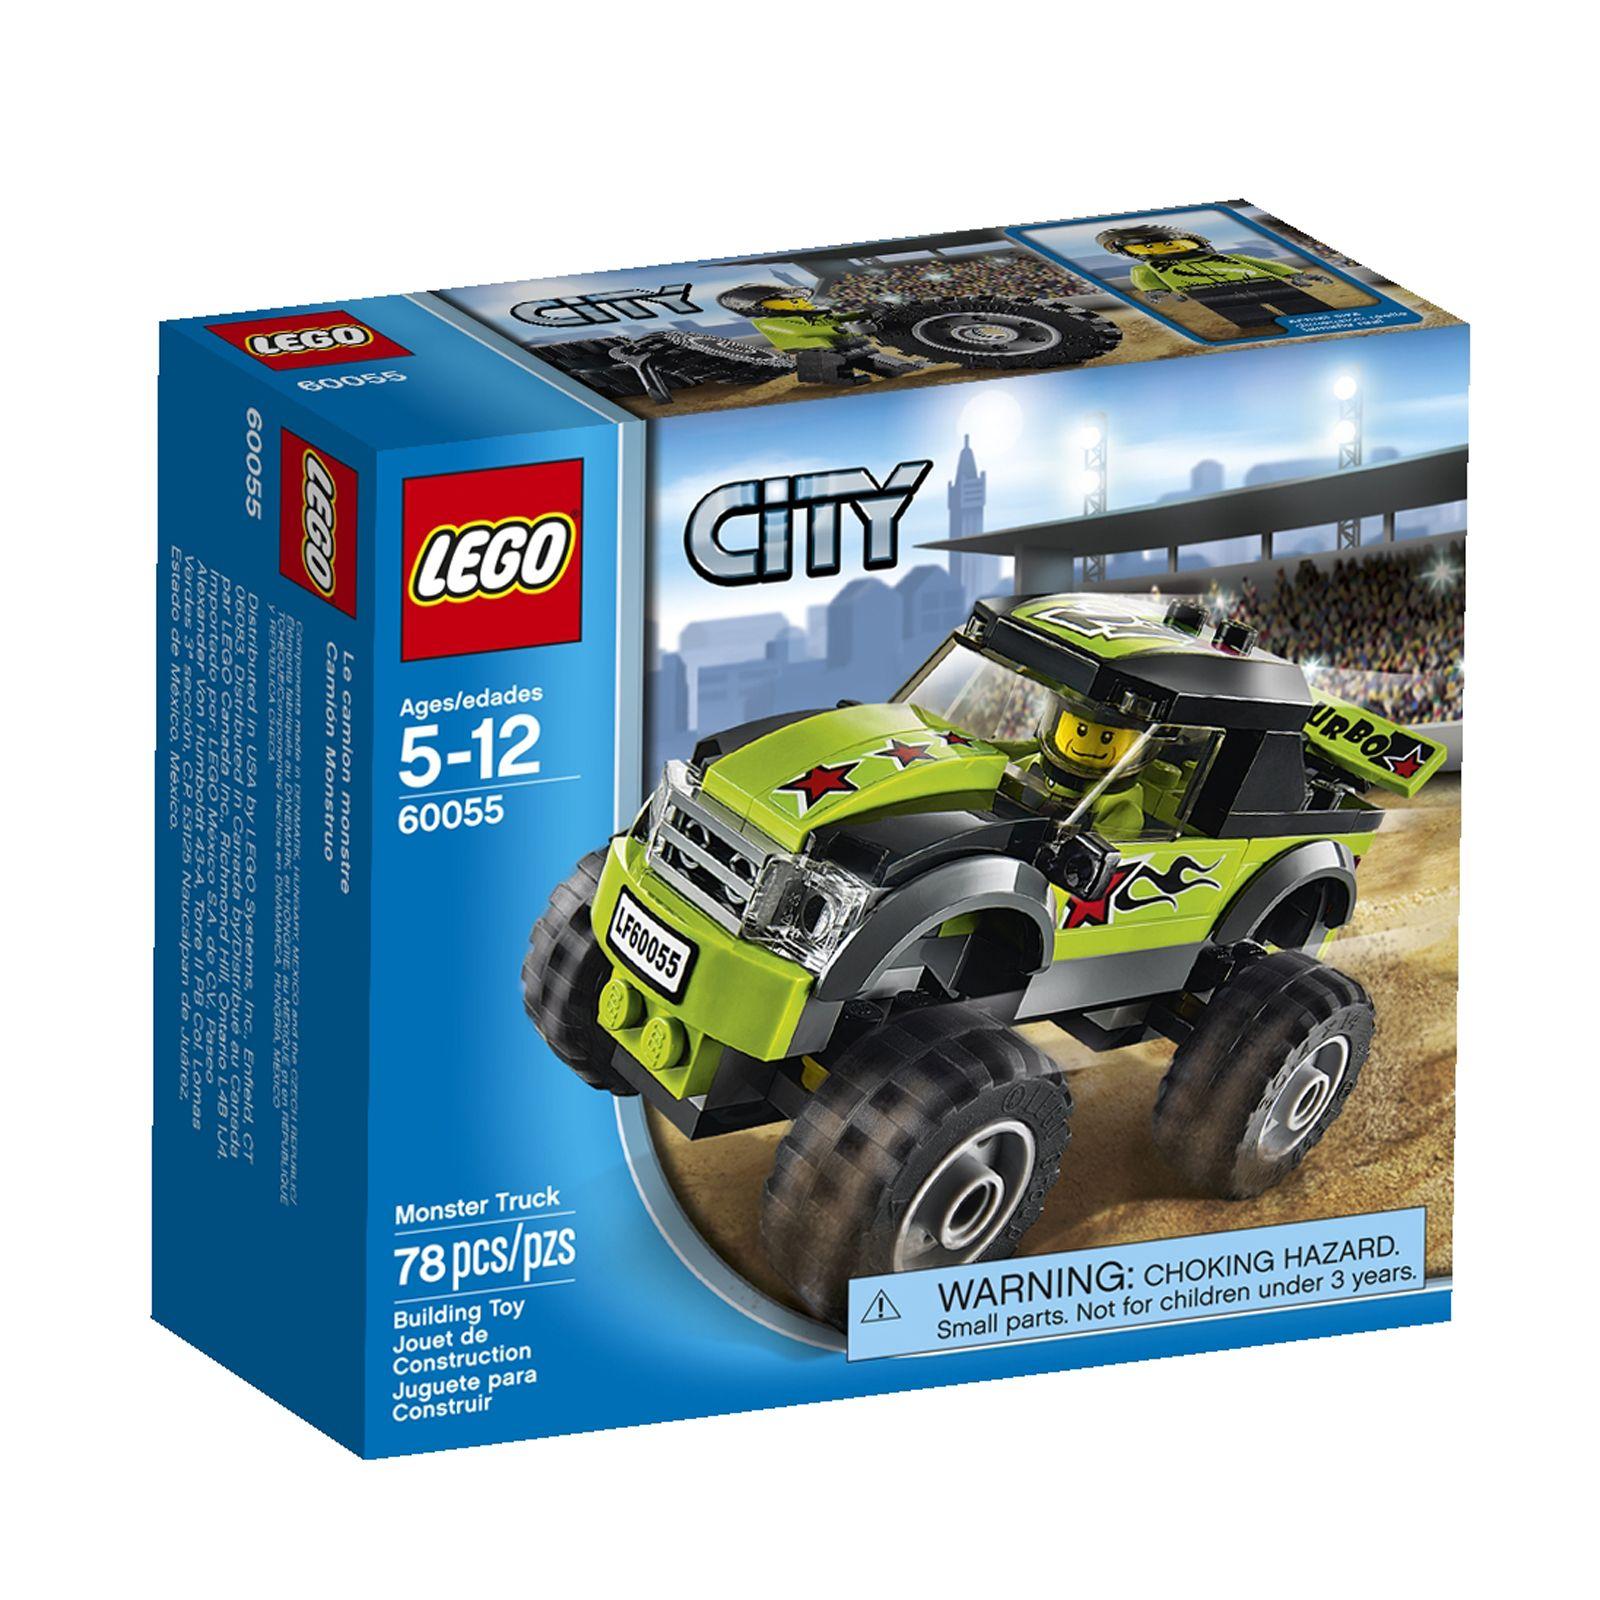 Lego City Great Vehicles Monster Truck 673419204750 Monster Trucks Lego City Monster Truck Toys